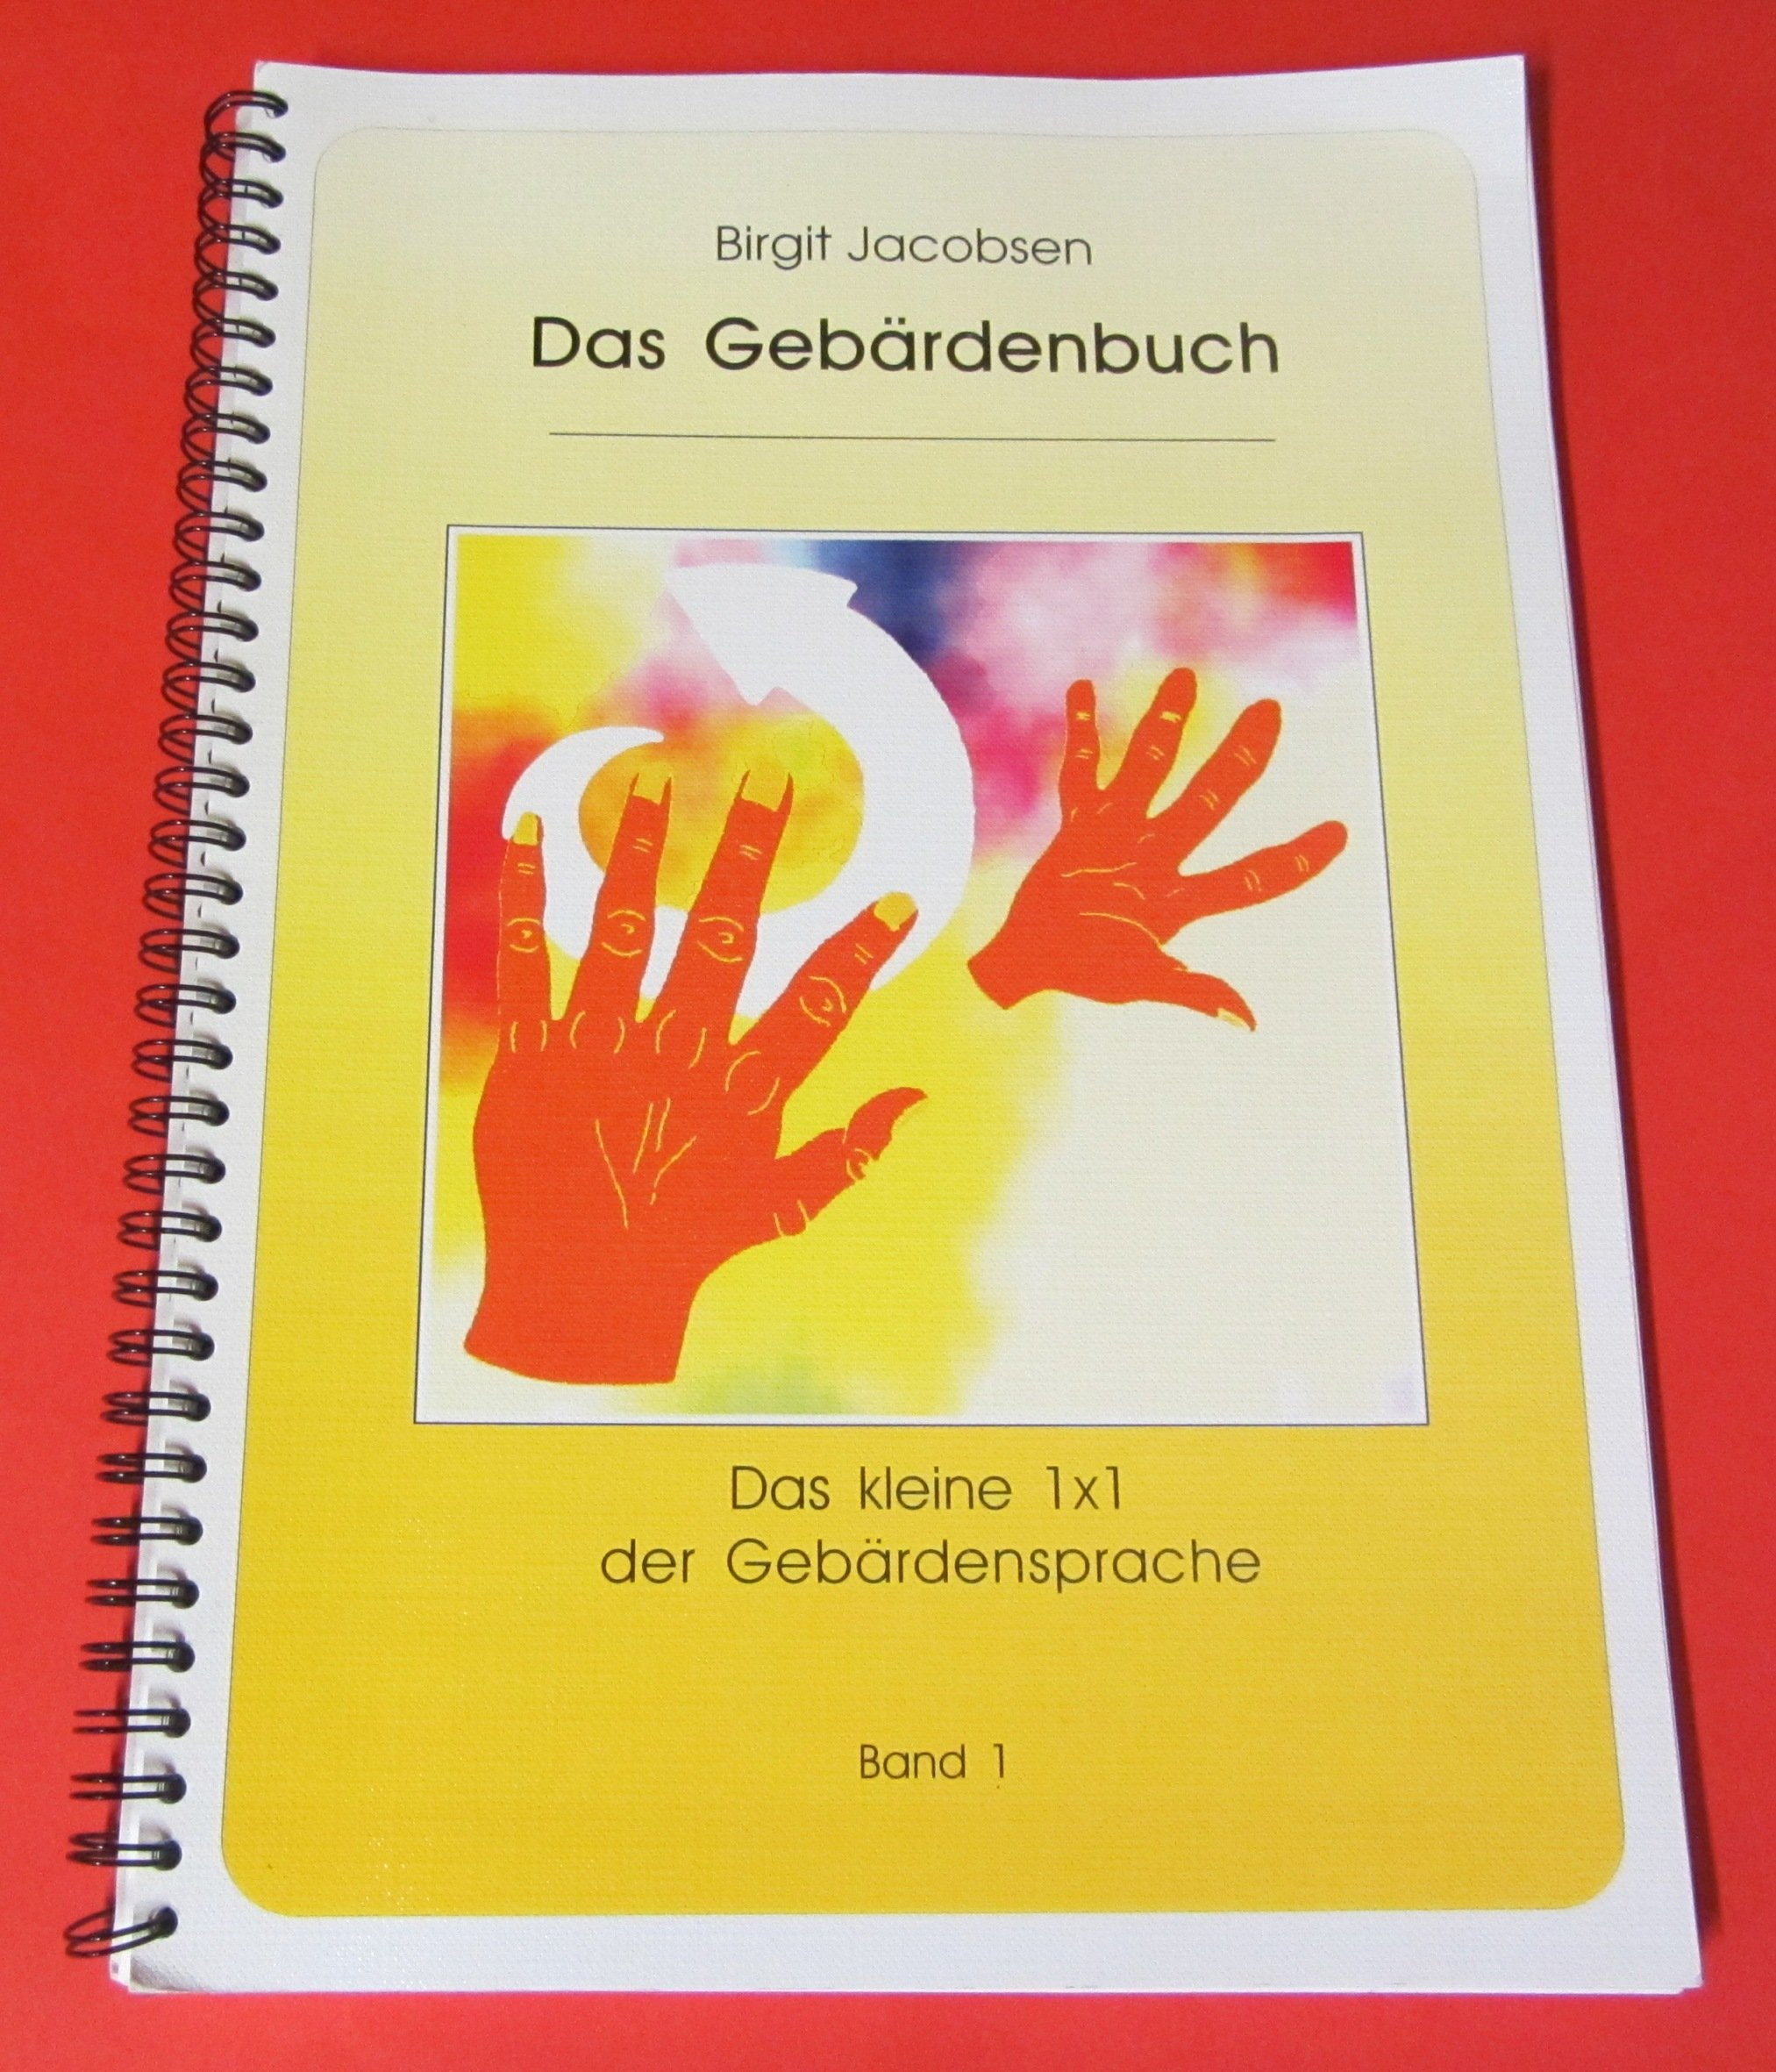 Das Gebärdenbuch: Das kleine 1 x 1 der Gebärdensprache